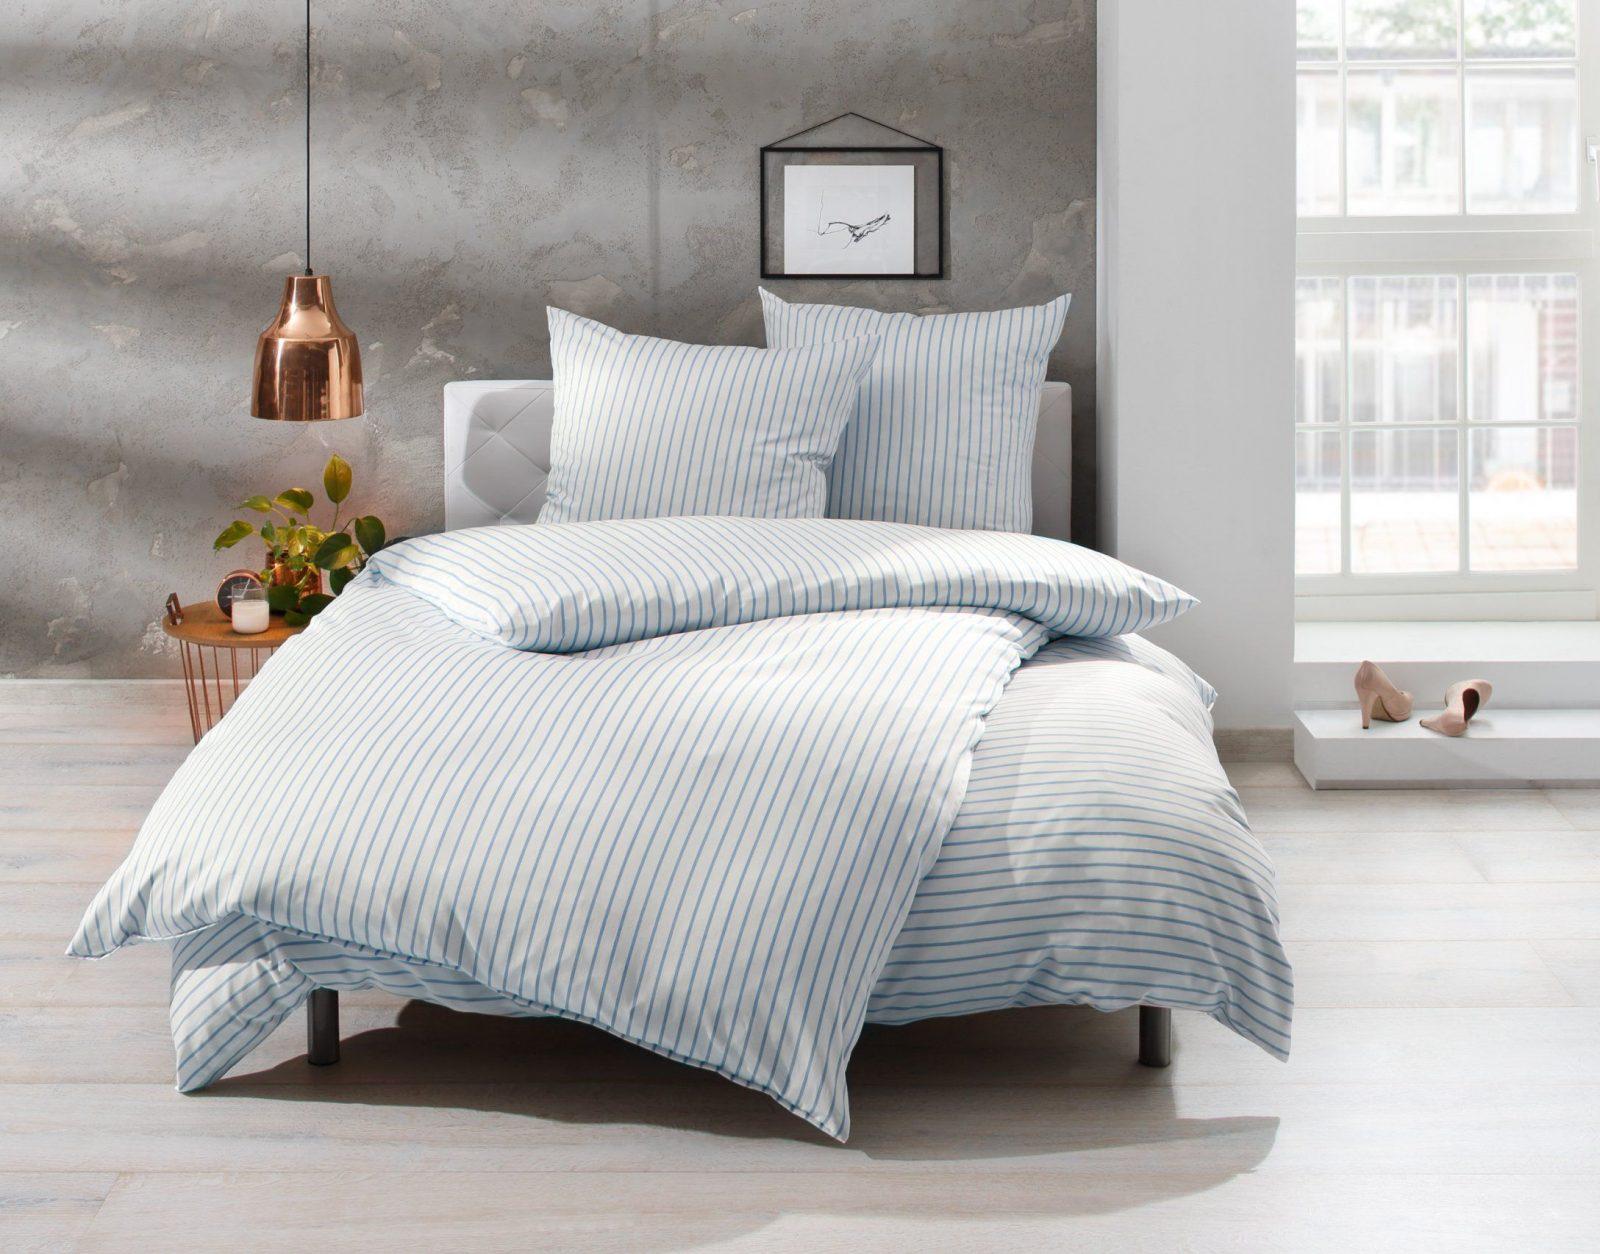 Streifen Bettwäsche Blau Weiß  Bettwaeschemitstil von Bettwäsche Landhausstil Weiß Bild